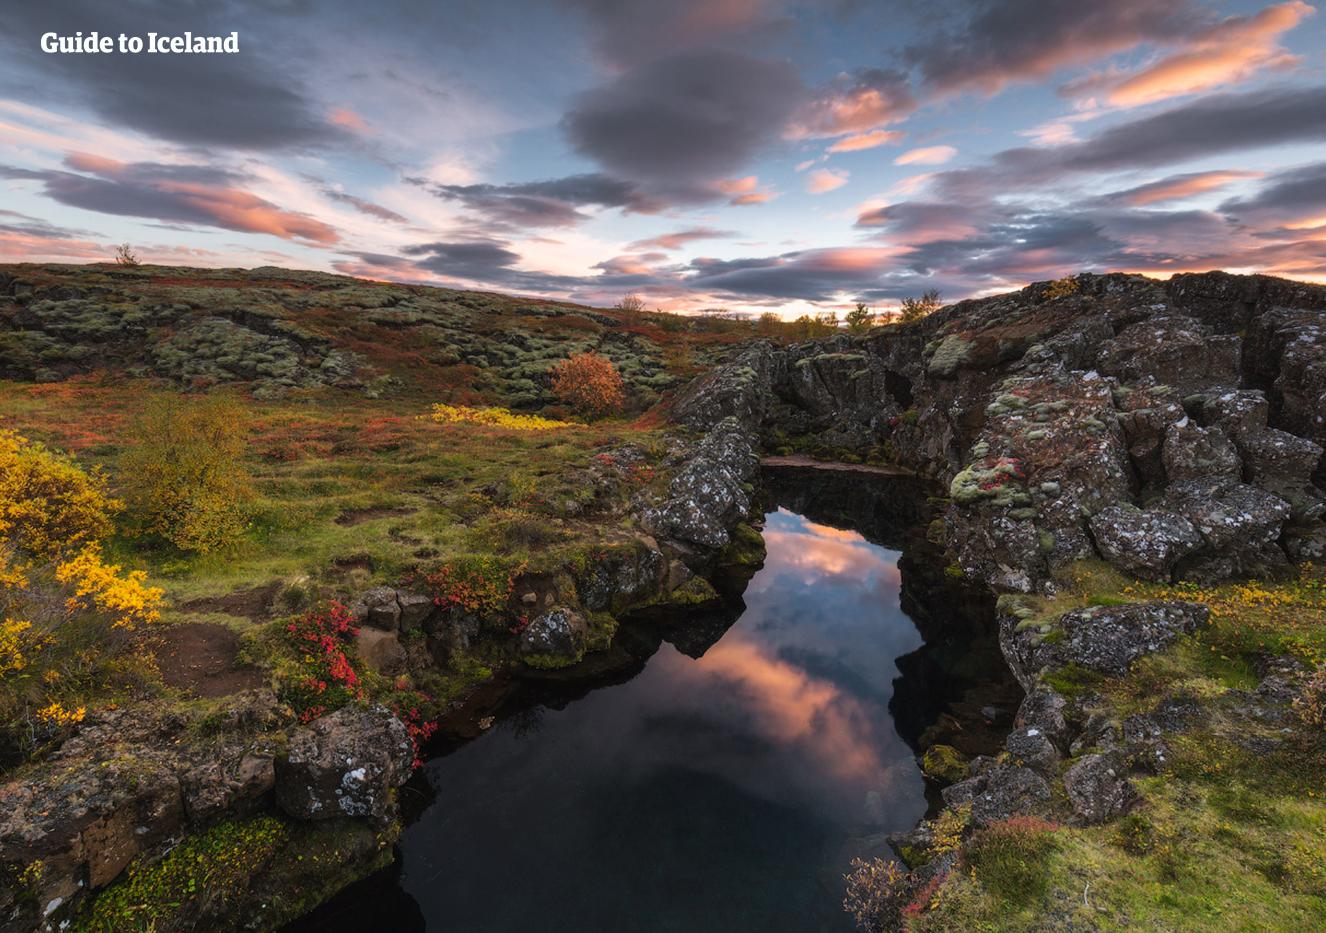 Der Þingvellir-Nationalpark ist Islands einziges UNESCO-Weltkulturerbe und eine der wichtigsten Stationen auf der weltberühmten Besichtigungsroute des Goldenen Kreises.